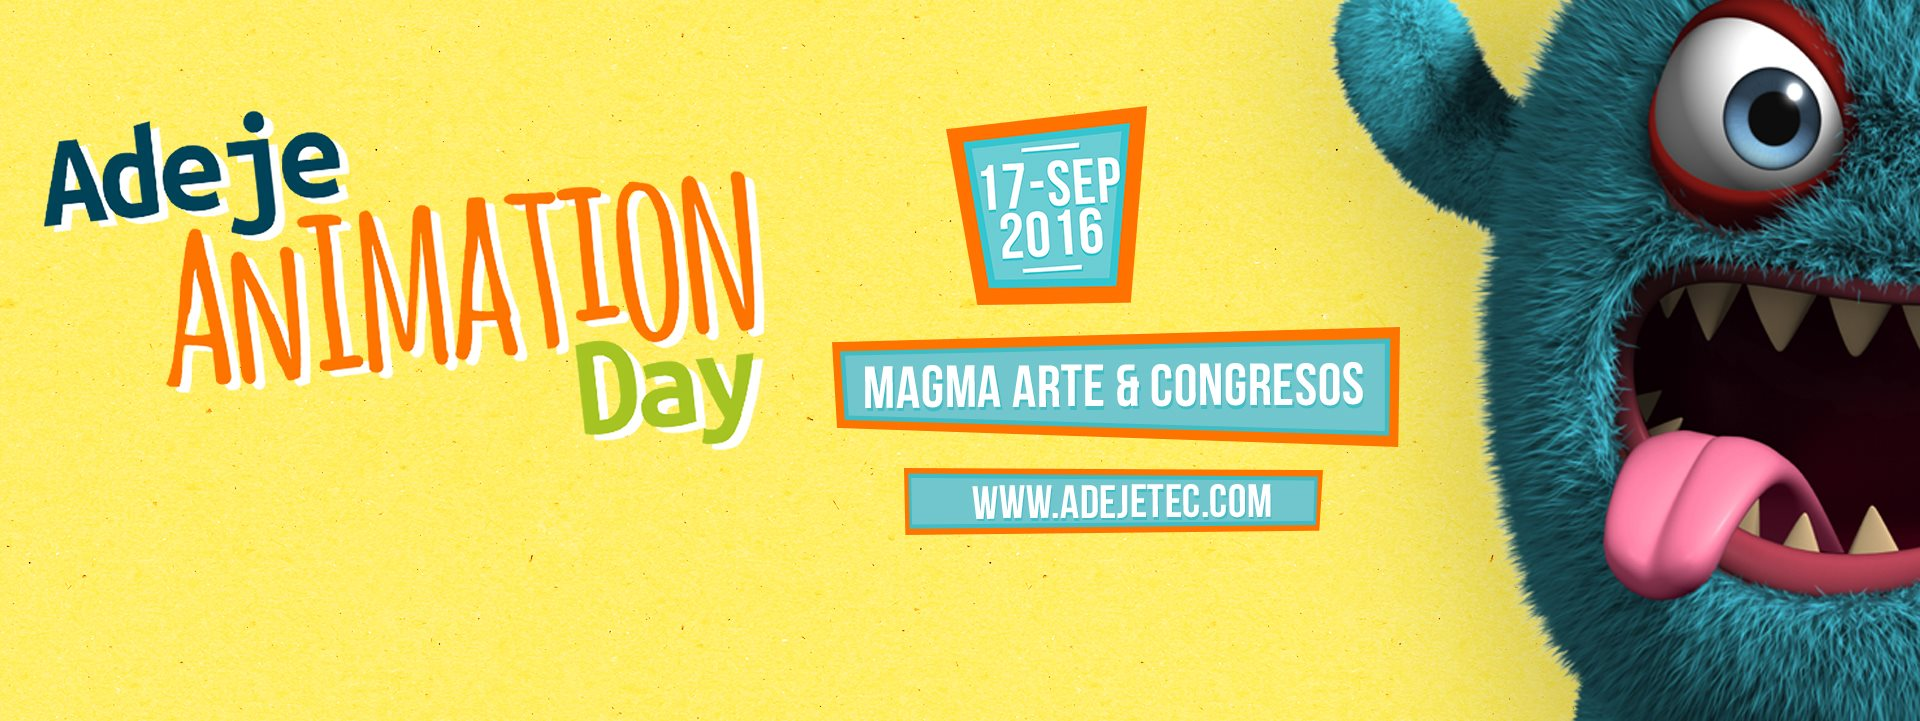 Adeje Animation Day mostrará el mundo de la animación local e internacional // CanariasCreativa.com